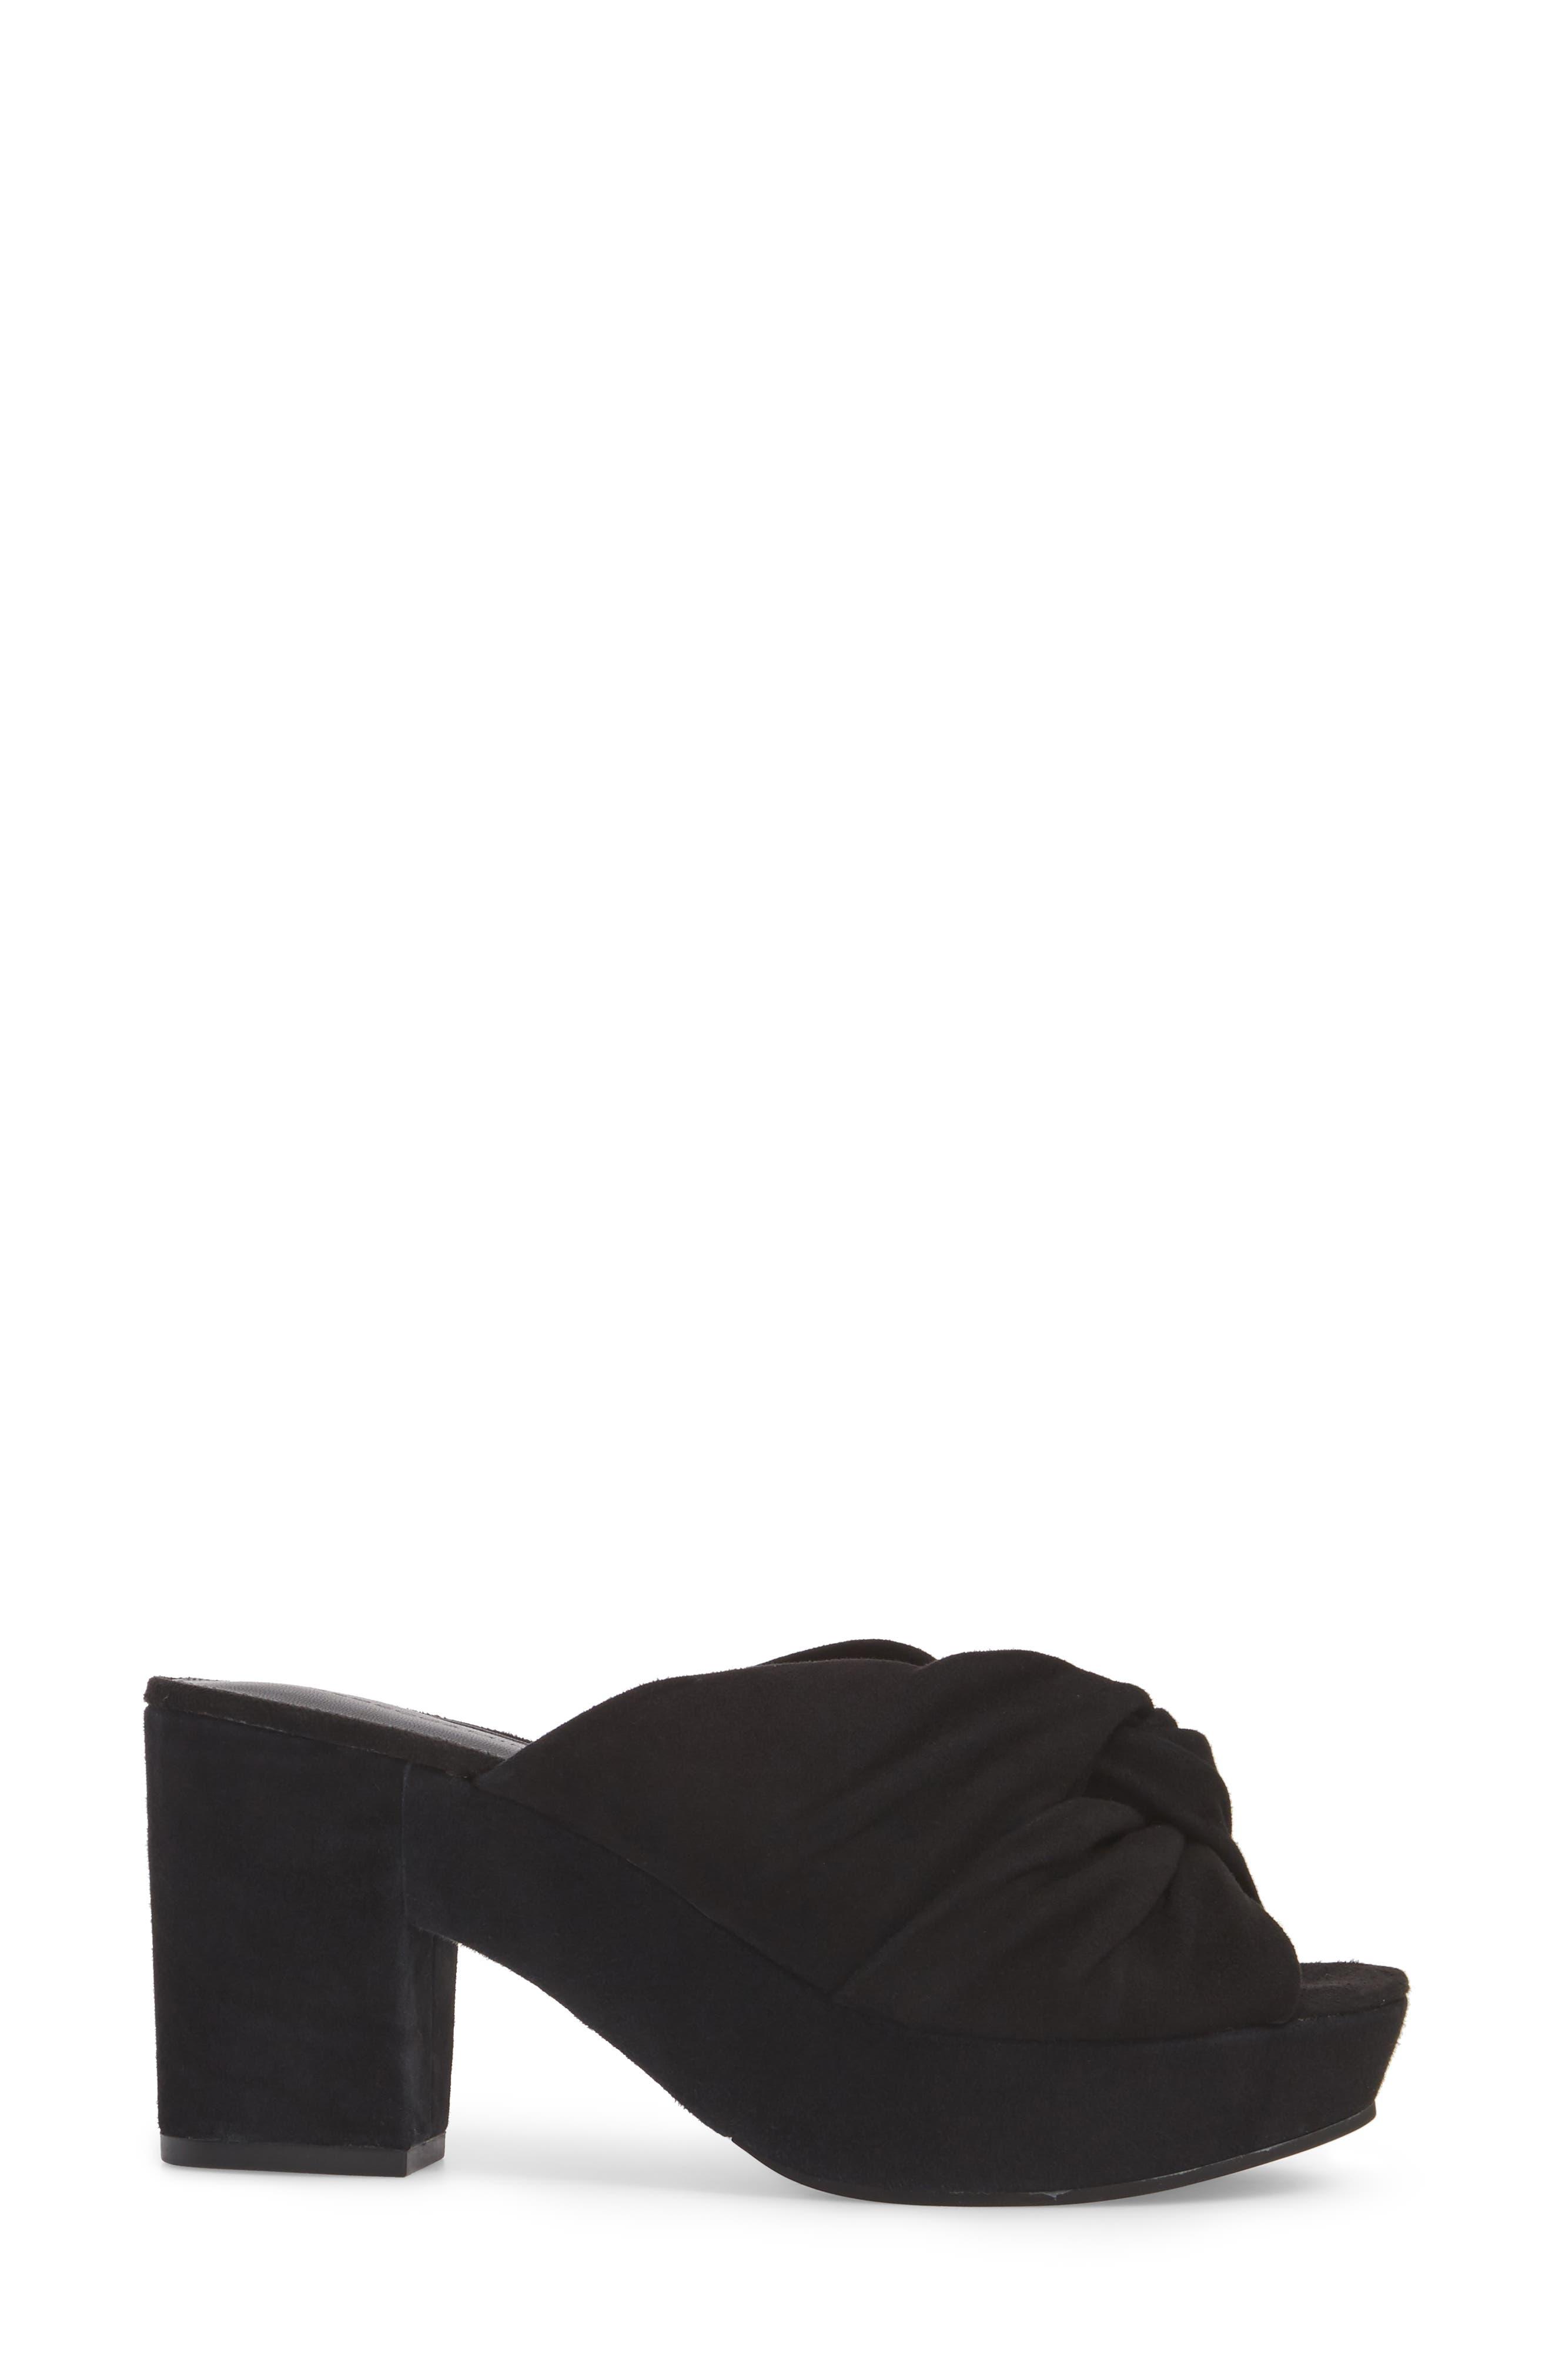 REBECCA MINKOFF,                             Jaden Slide Sandal,                             Alternate thumbnail 3, color,                             001